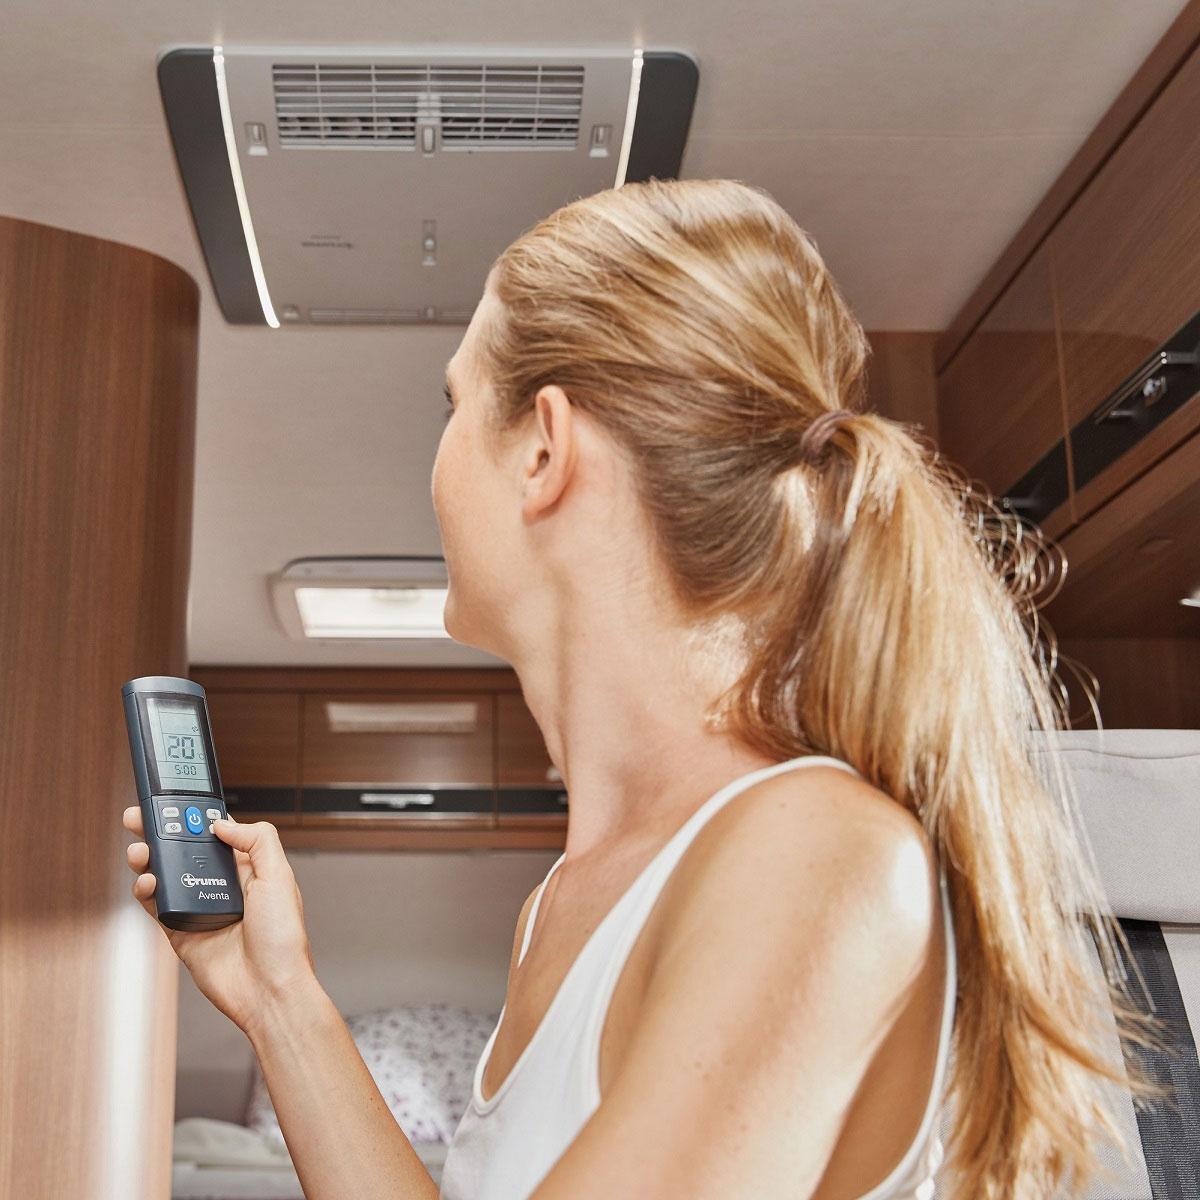 Truma Aventa Comfort Air Conditioning Remote User Unit large